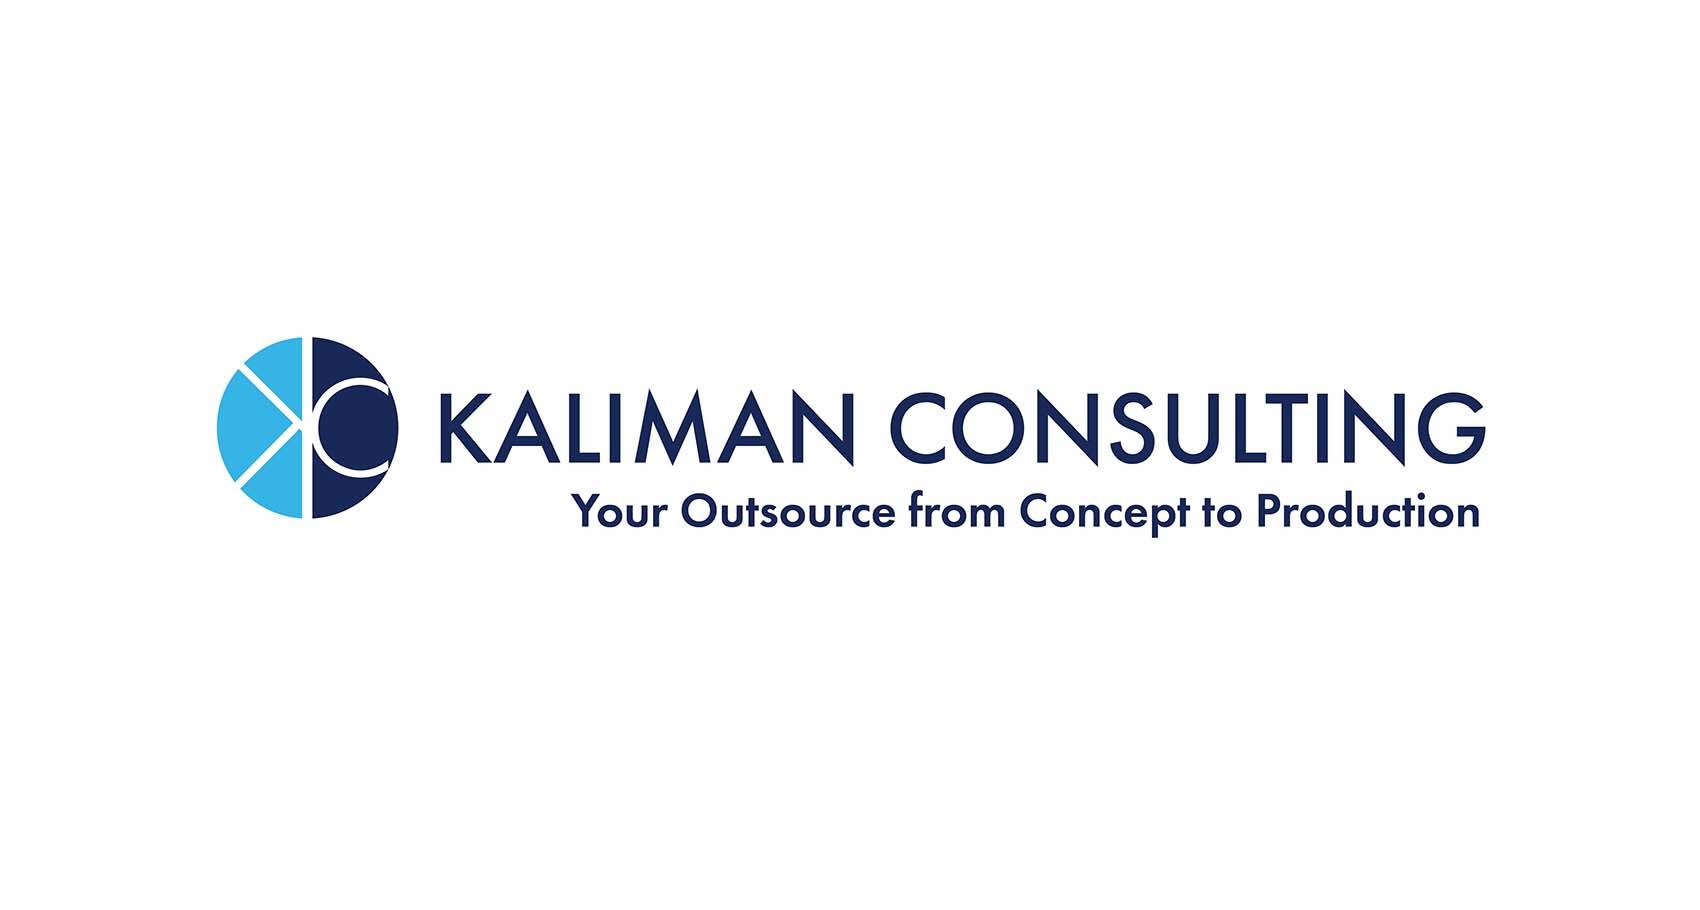 Kaliman Consulting Long Logo